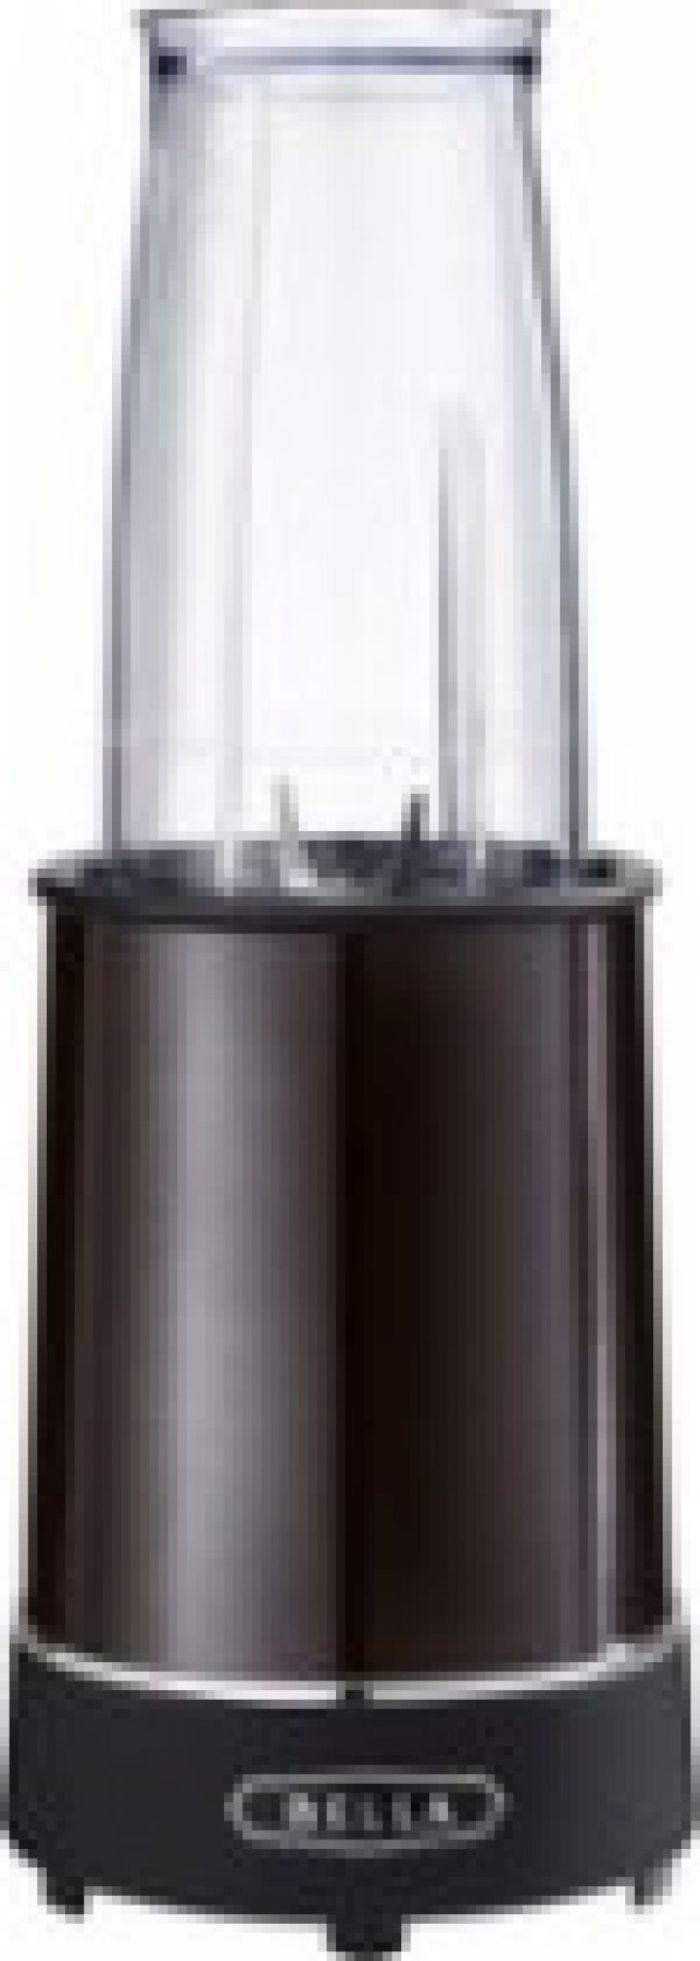 Bella Blender Multi BLA14639 - Best Buy